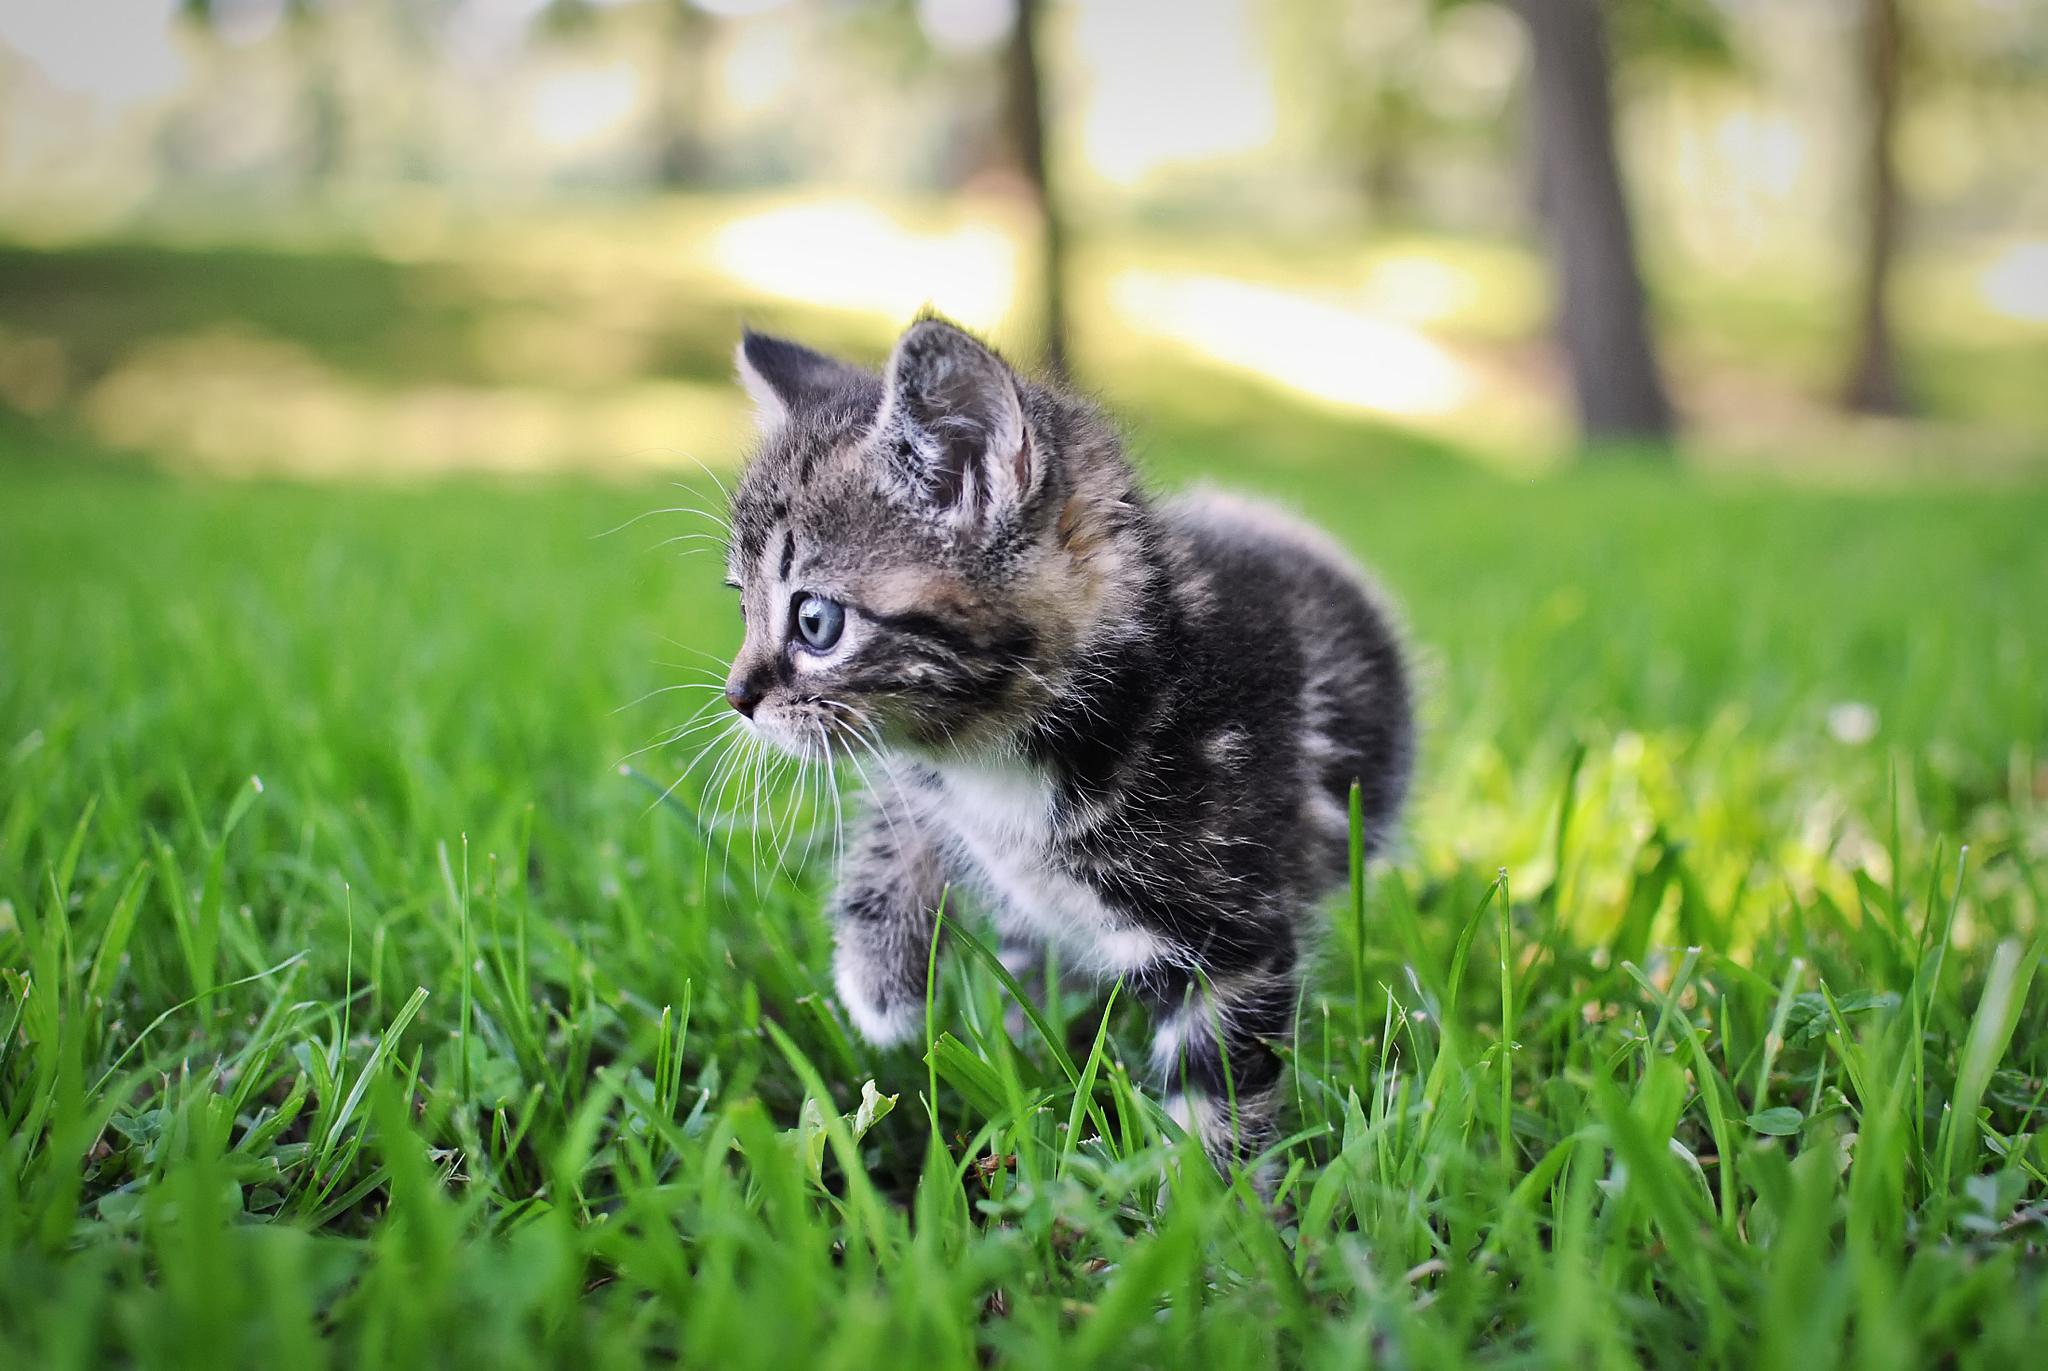 Котенок на траве  № 2959669 бесплатно